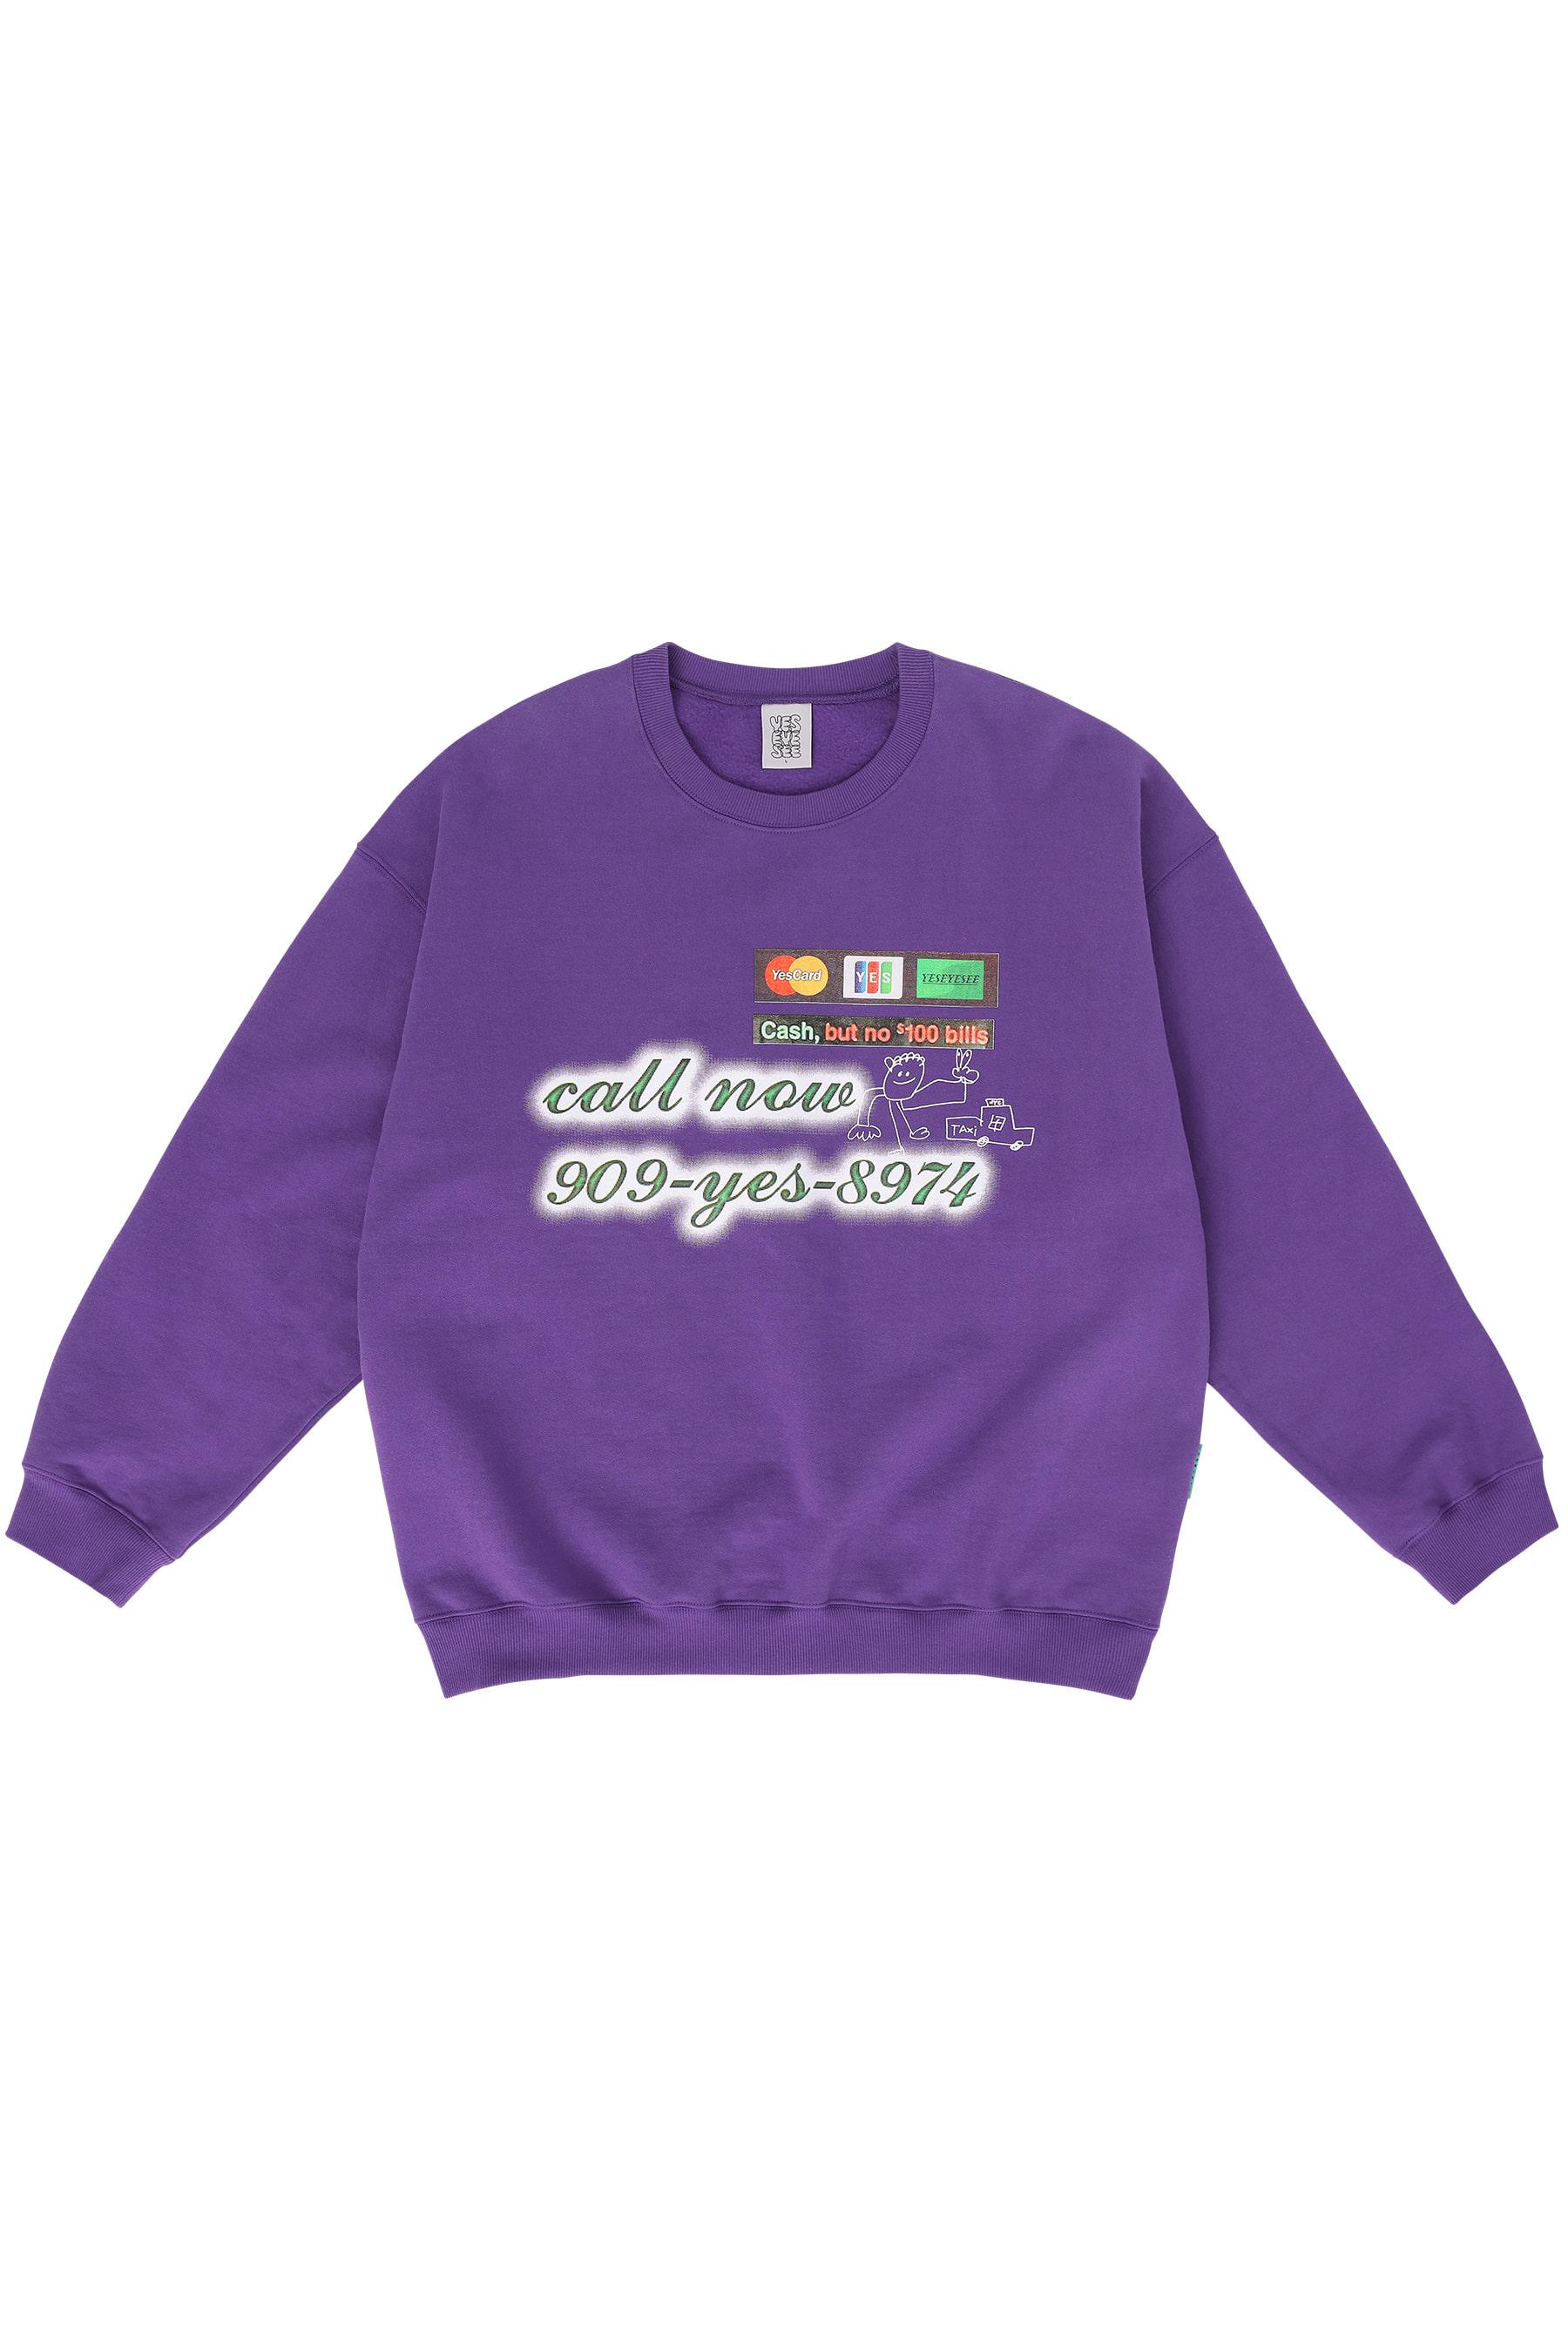 Credit Card Sweatshirts Purple